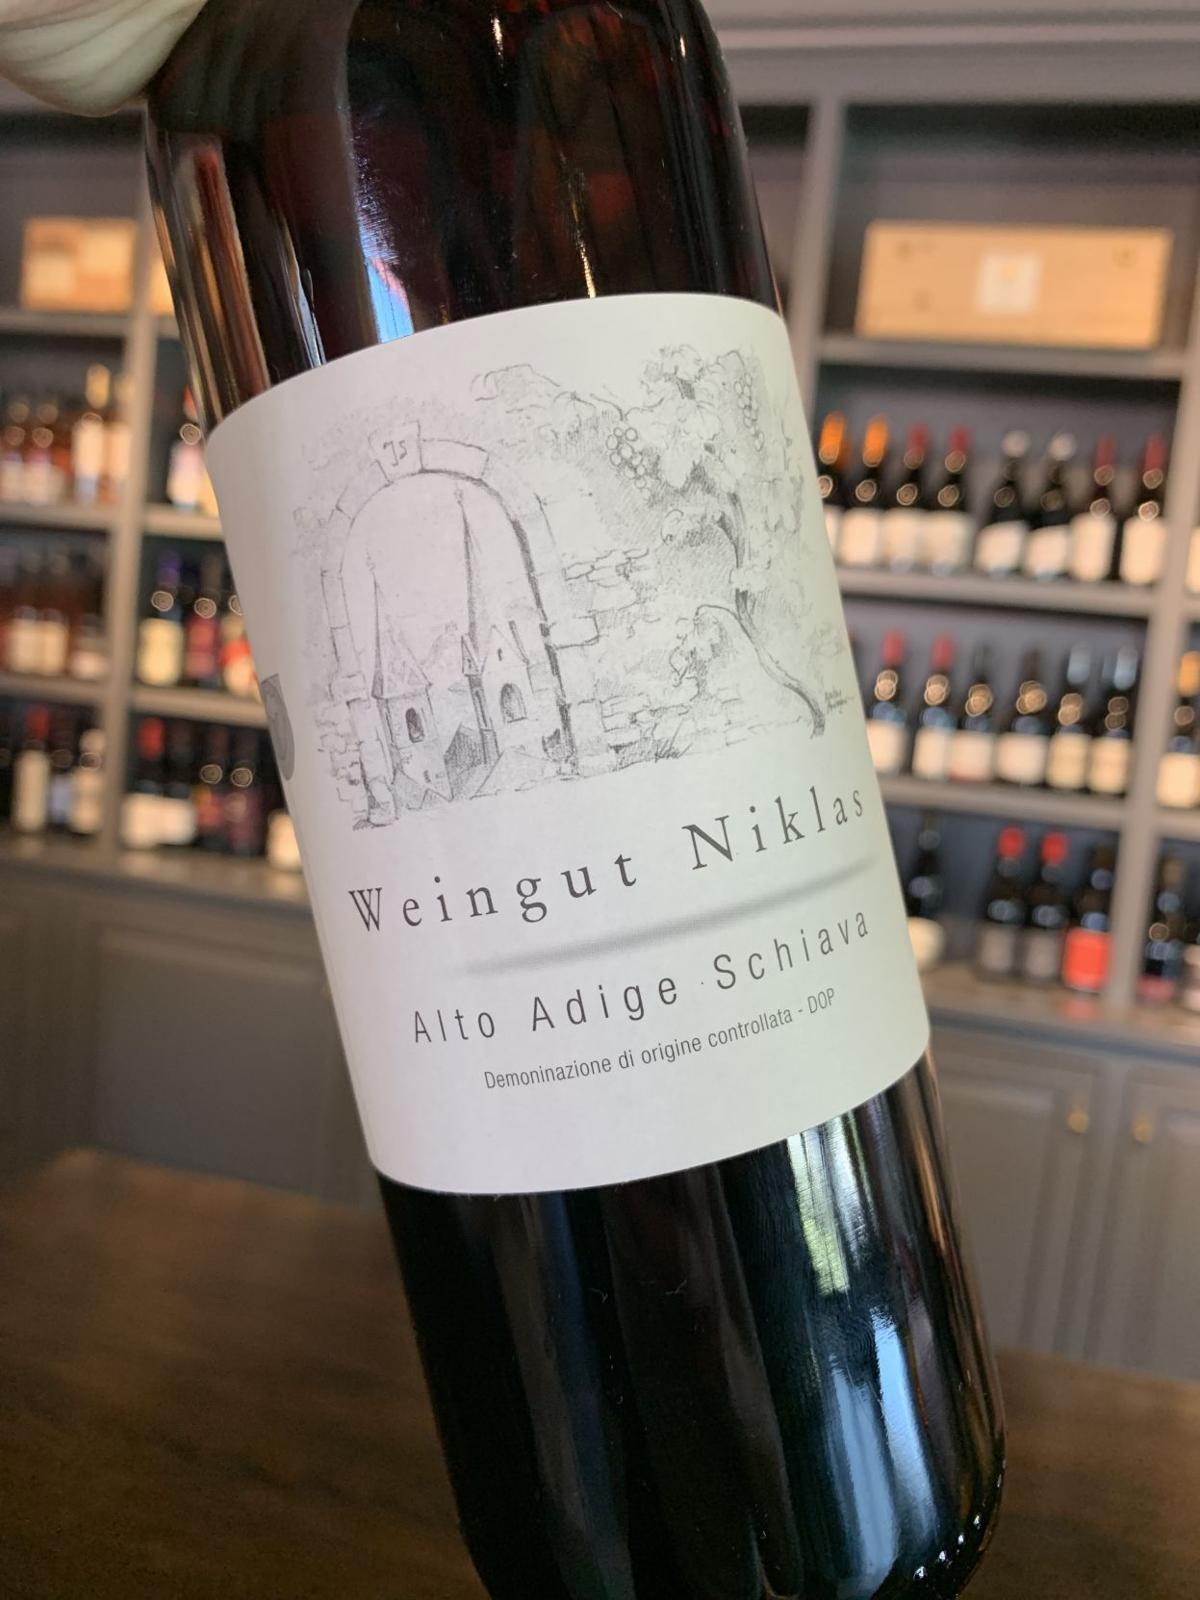 Weingut Niklas